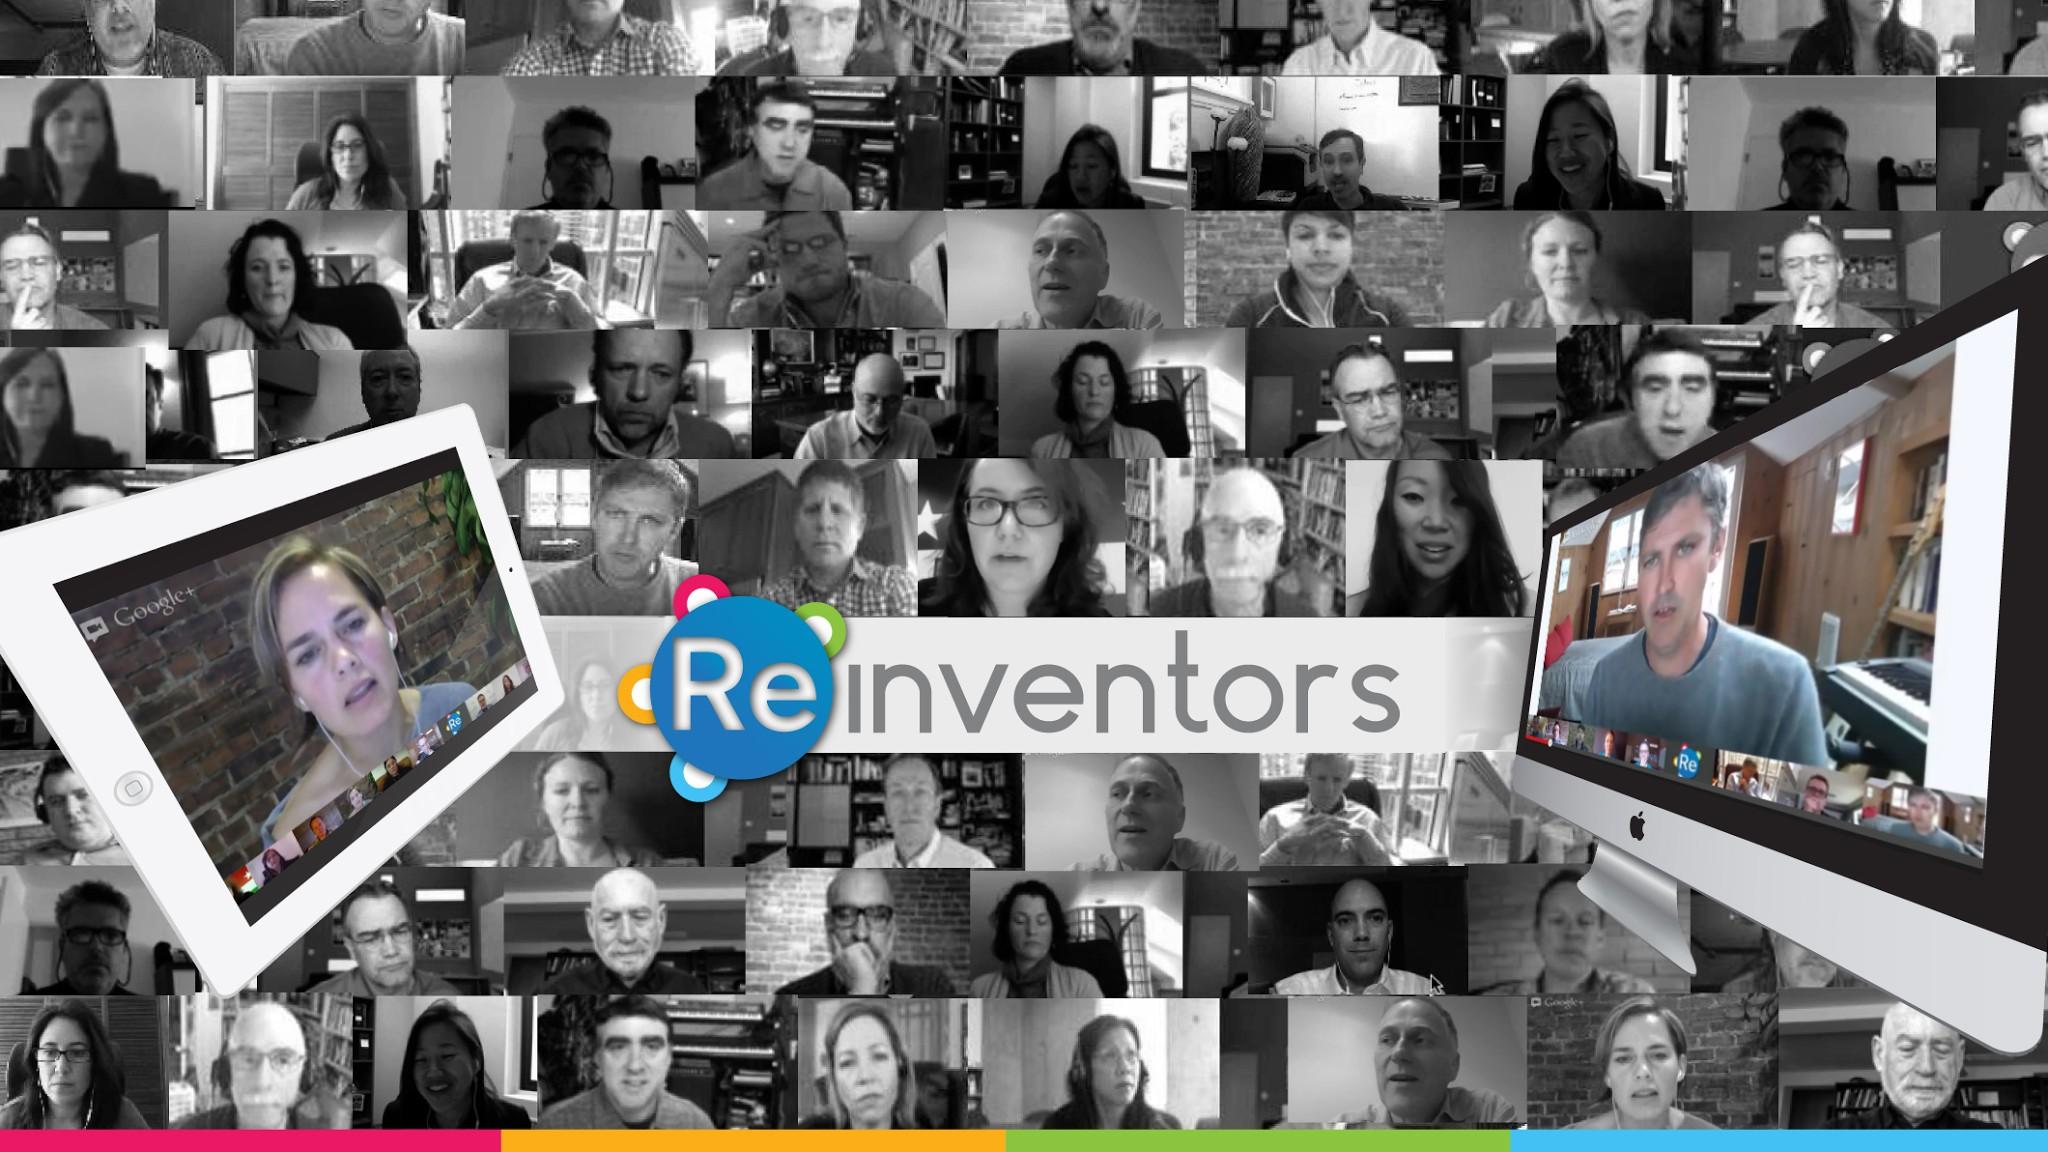 reinventors.jpg